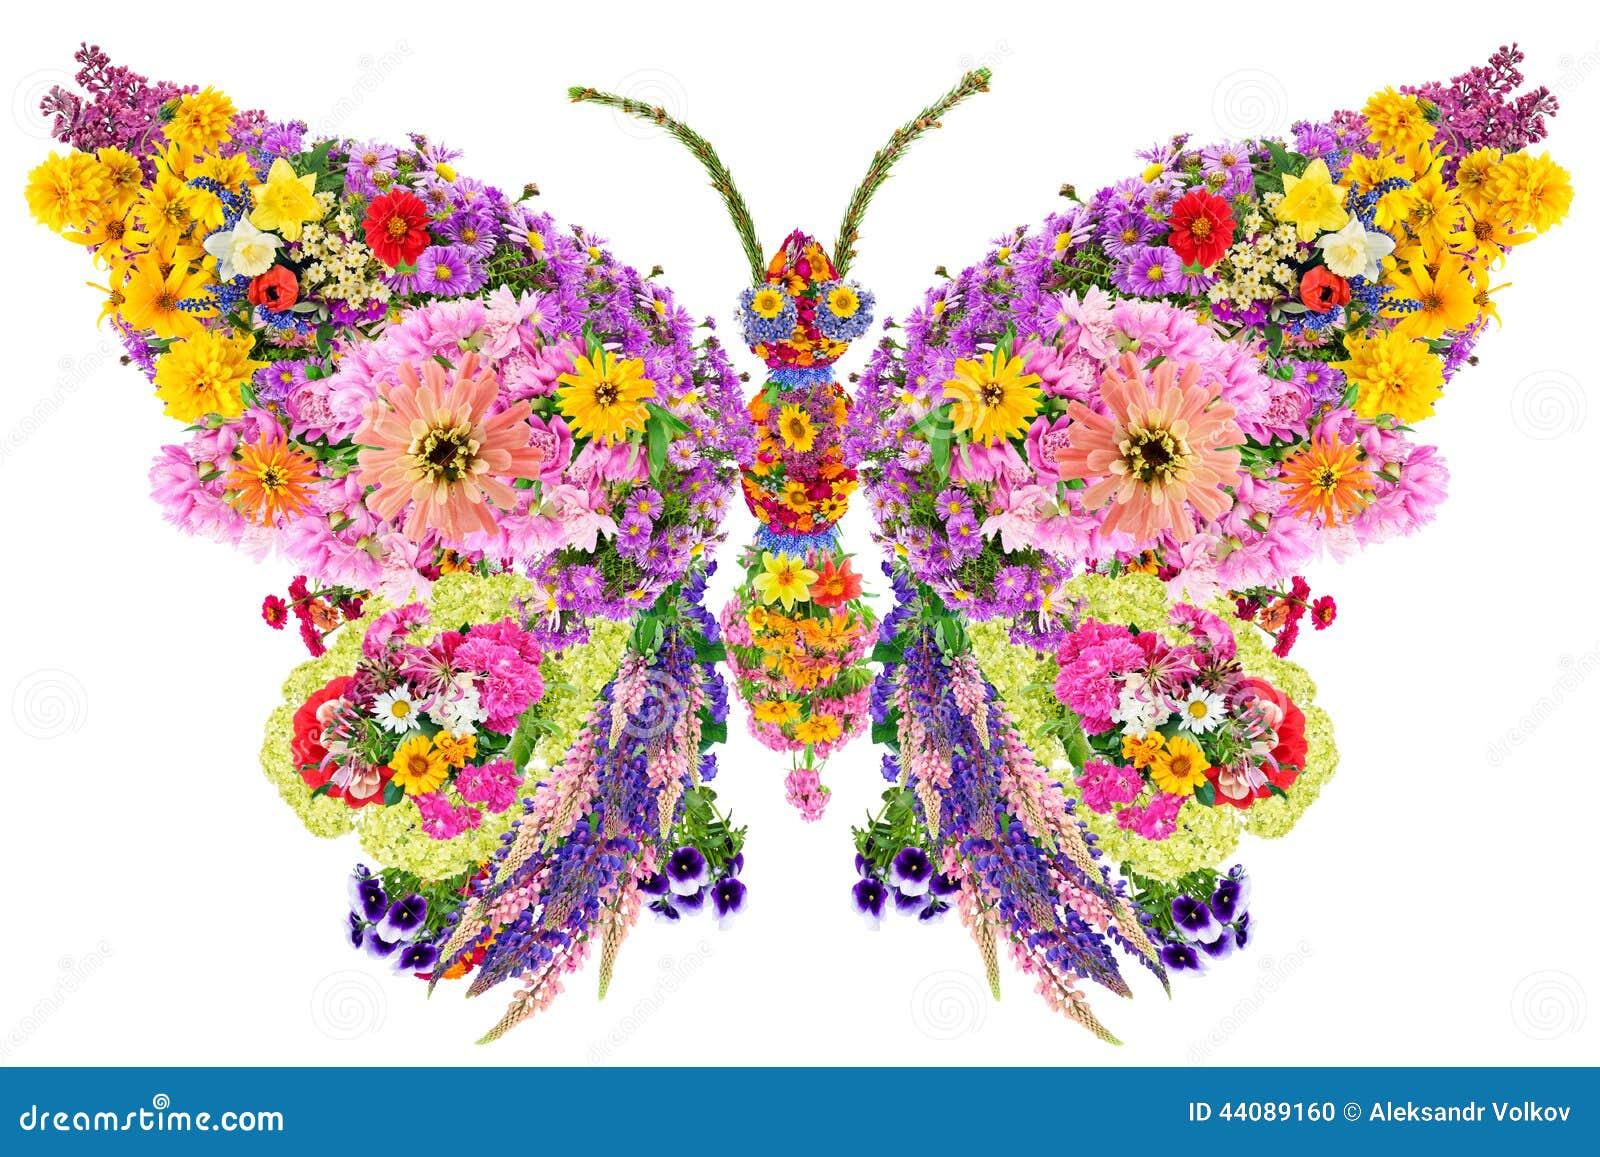 Mariposa de las flores del verano foto de archivo imagen - Flores de verano ...